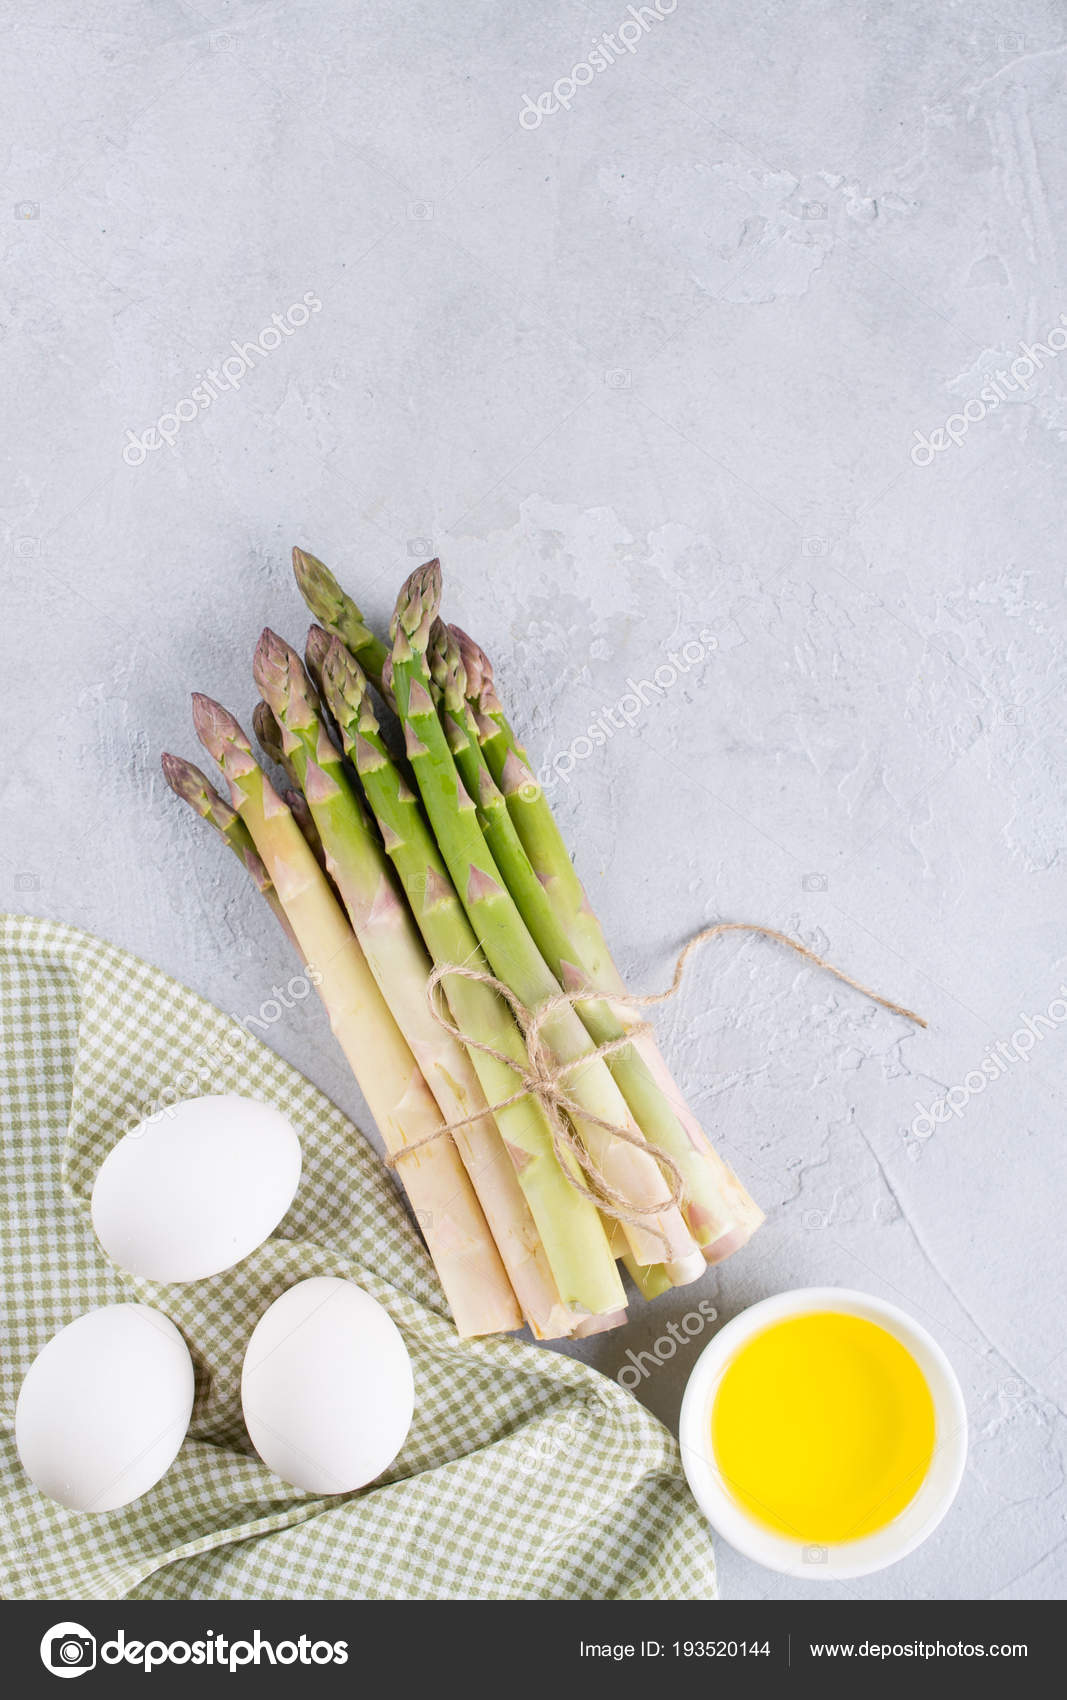 Zutaten Für Das Kochen Gesunde Diäten Frühstück Haufen Frischer